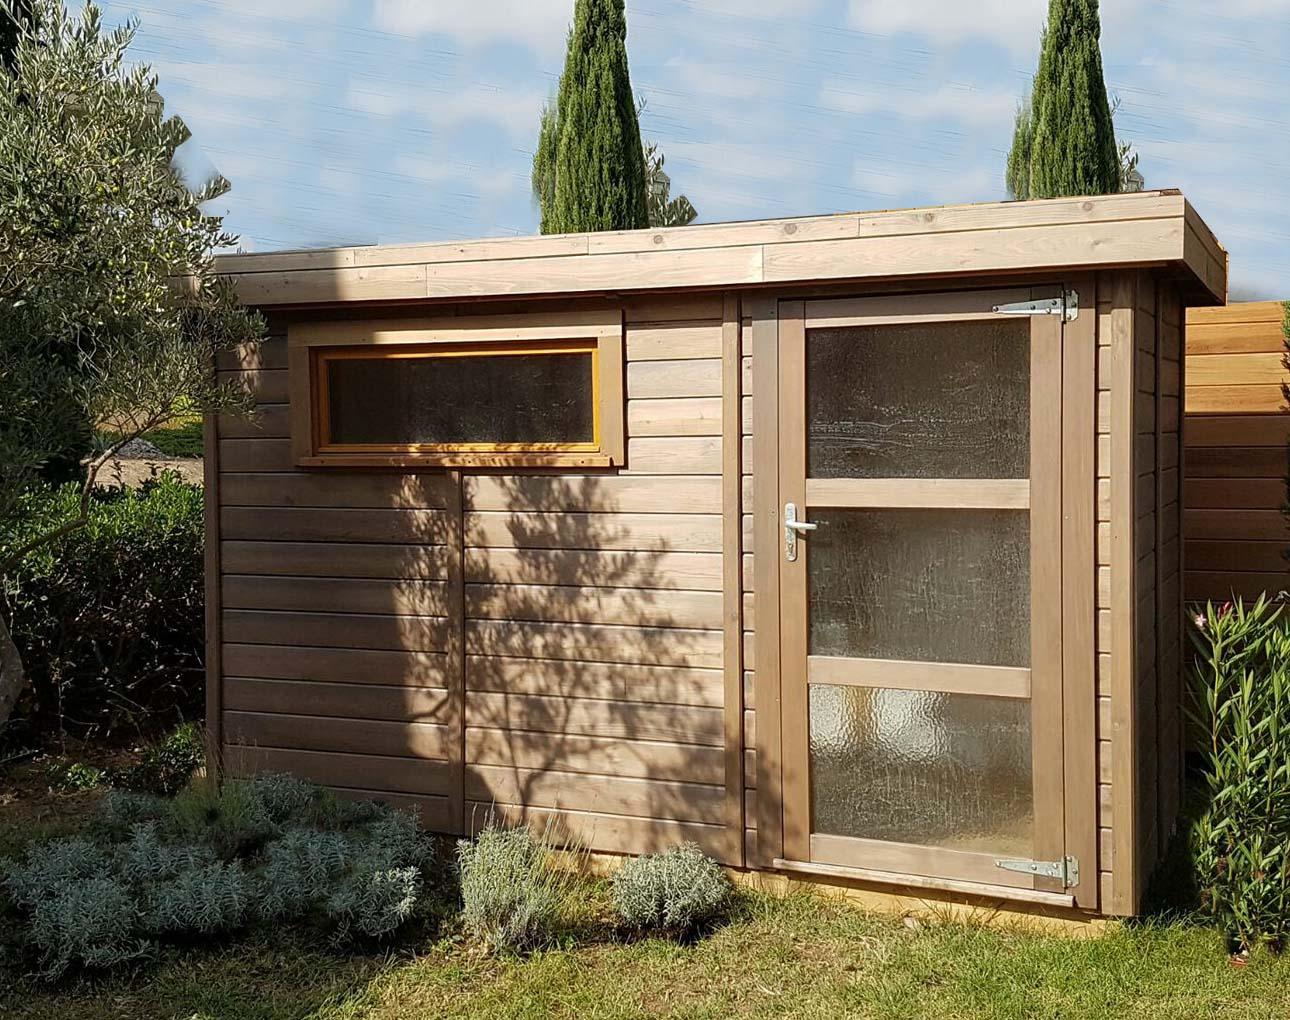 Abri De Jardin Toit Plat Avec Débord De -5M2 À 20M² Cancale pour Abri De Jardin En Bois 5M2